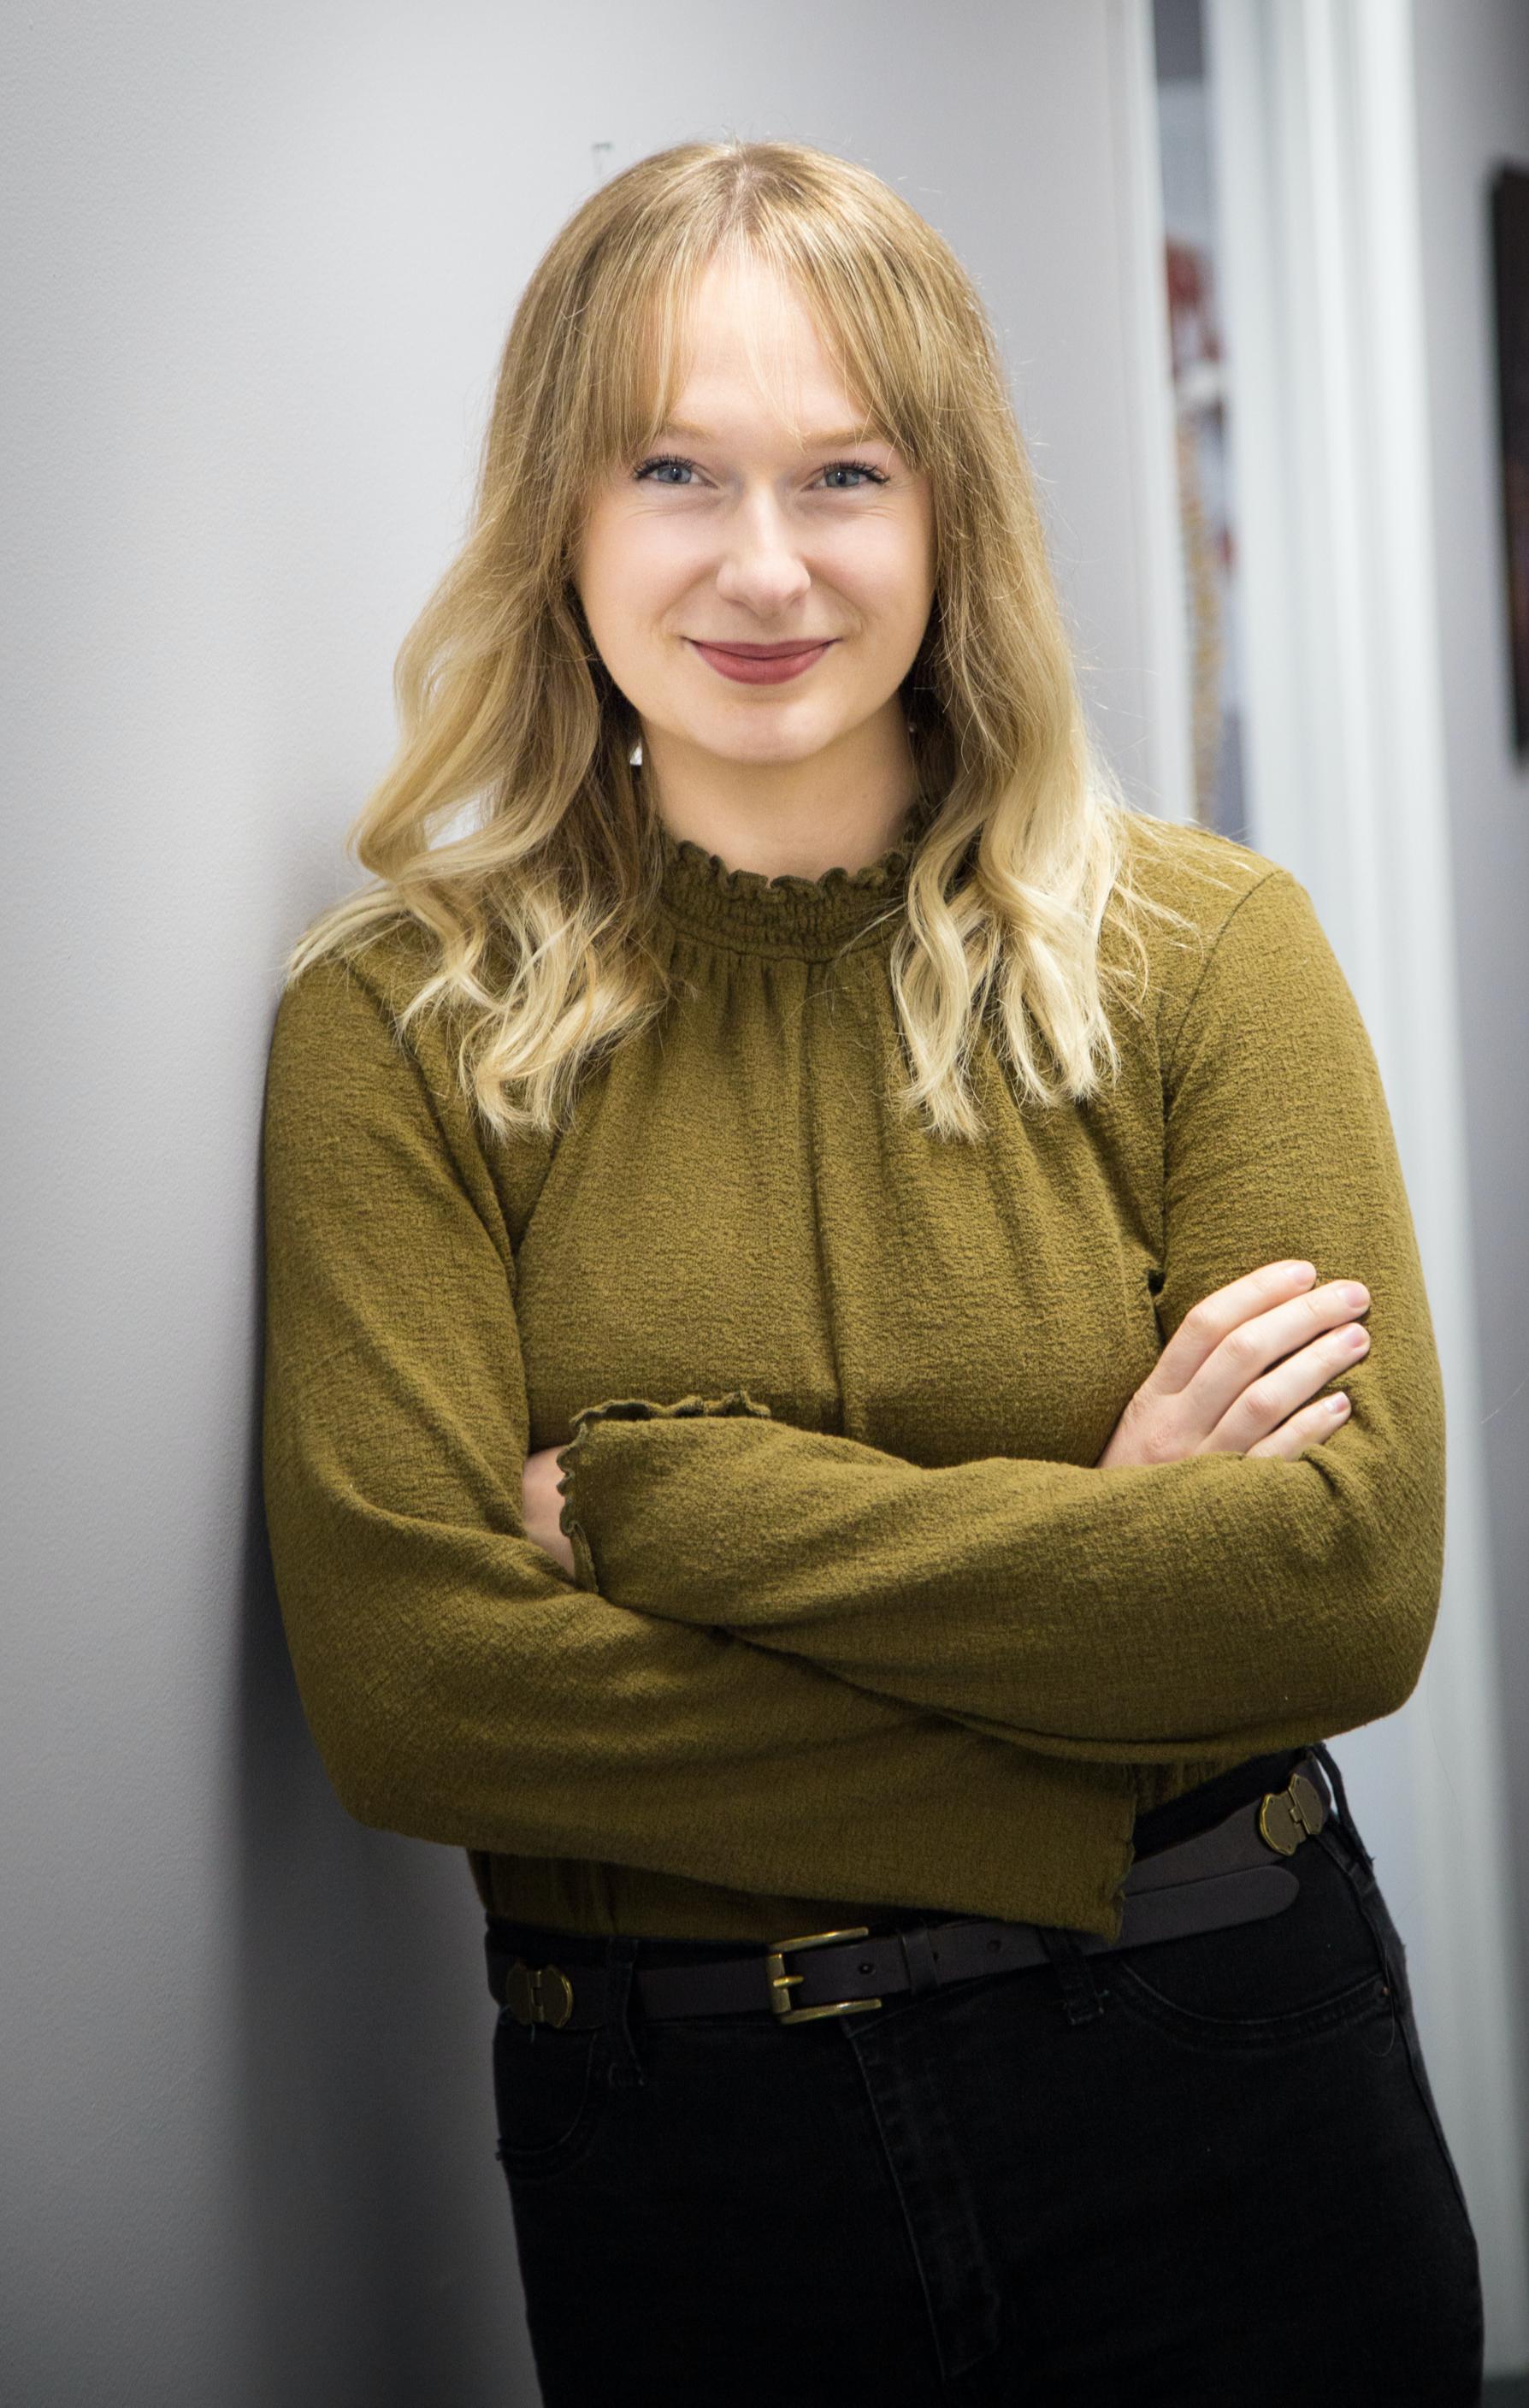 Dr. Rachel Stummer